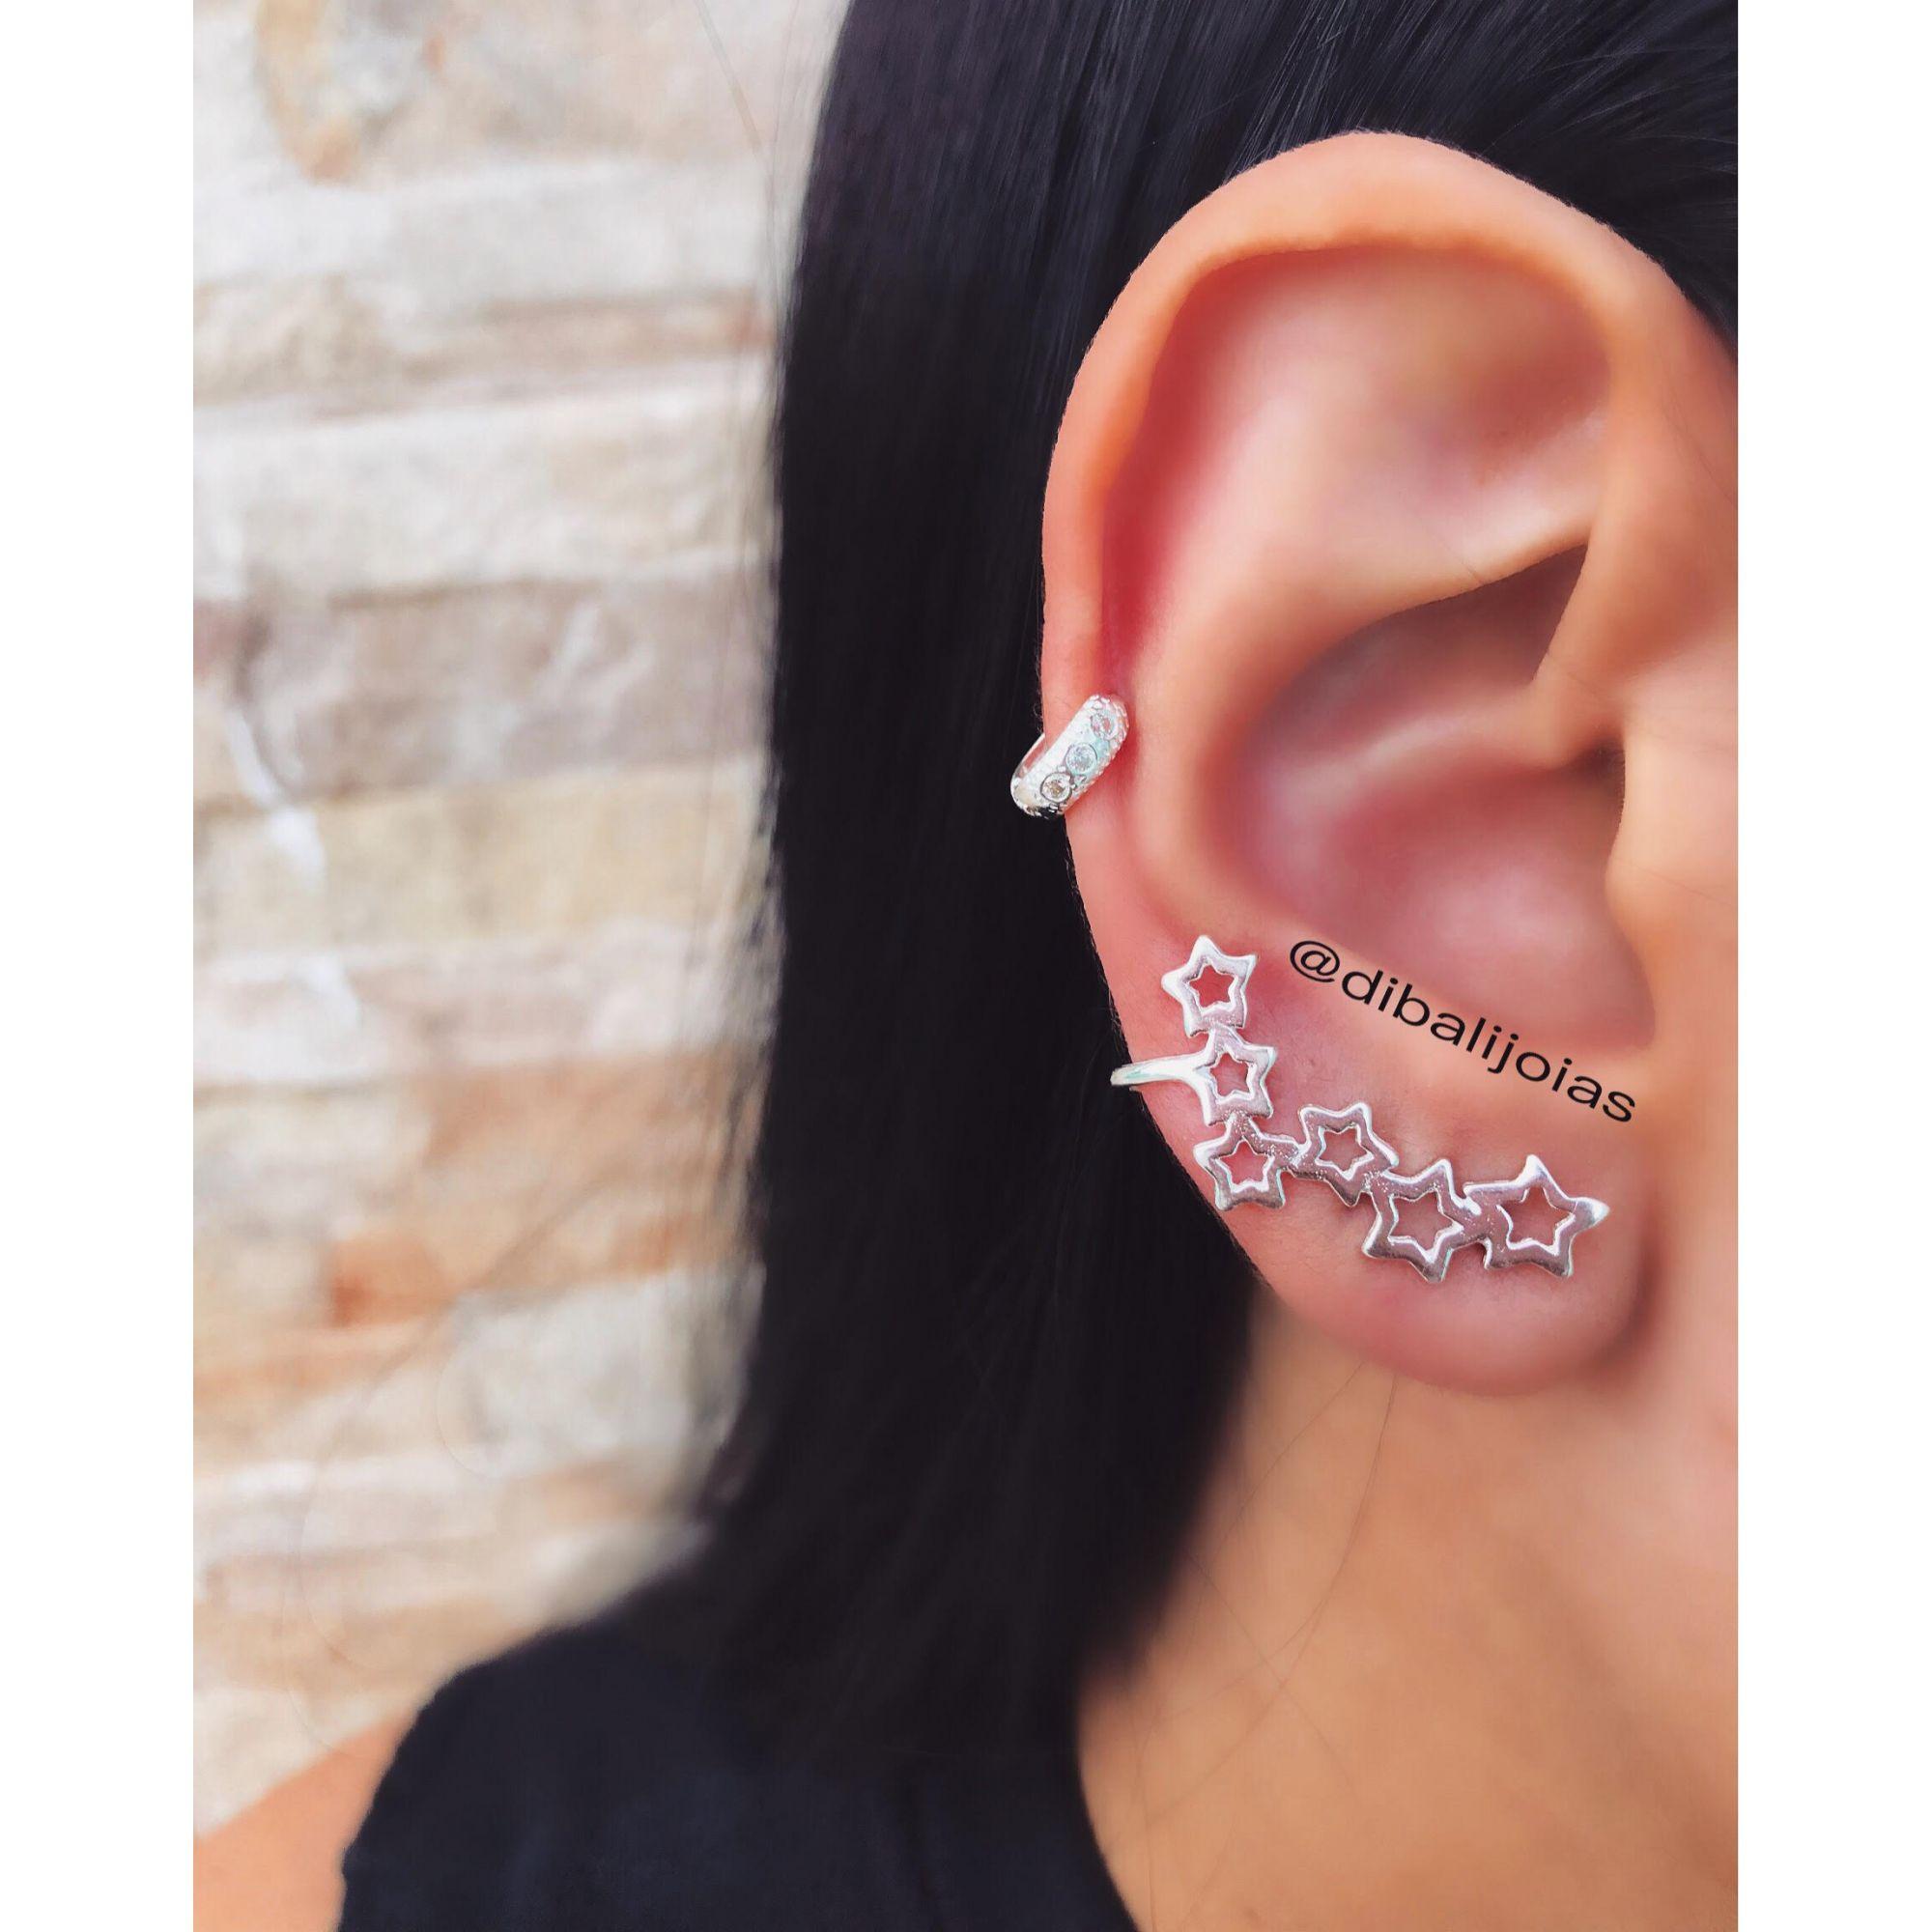 Brinco Ear Cuff Estrela de Prata - Dibalijoias 844997e2e1